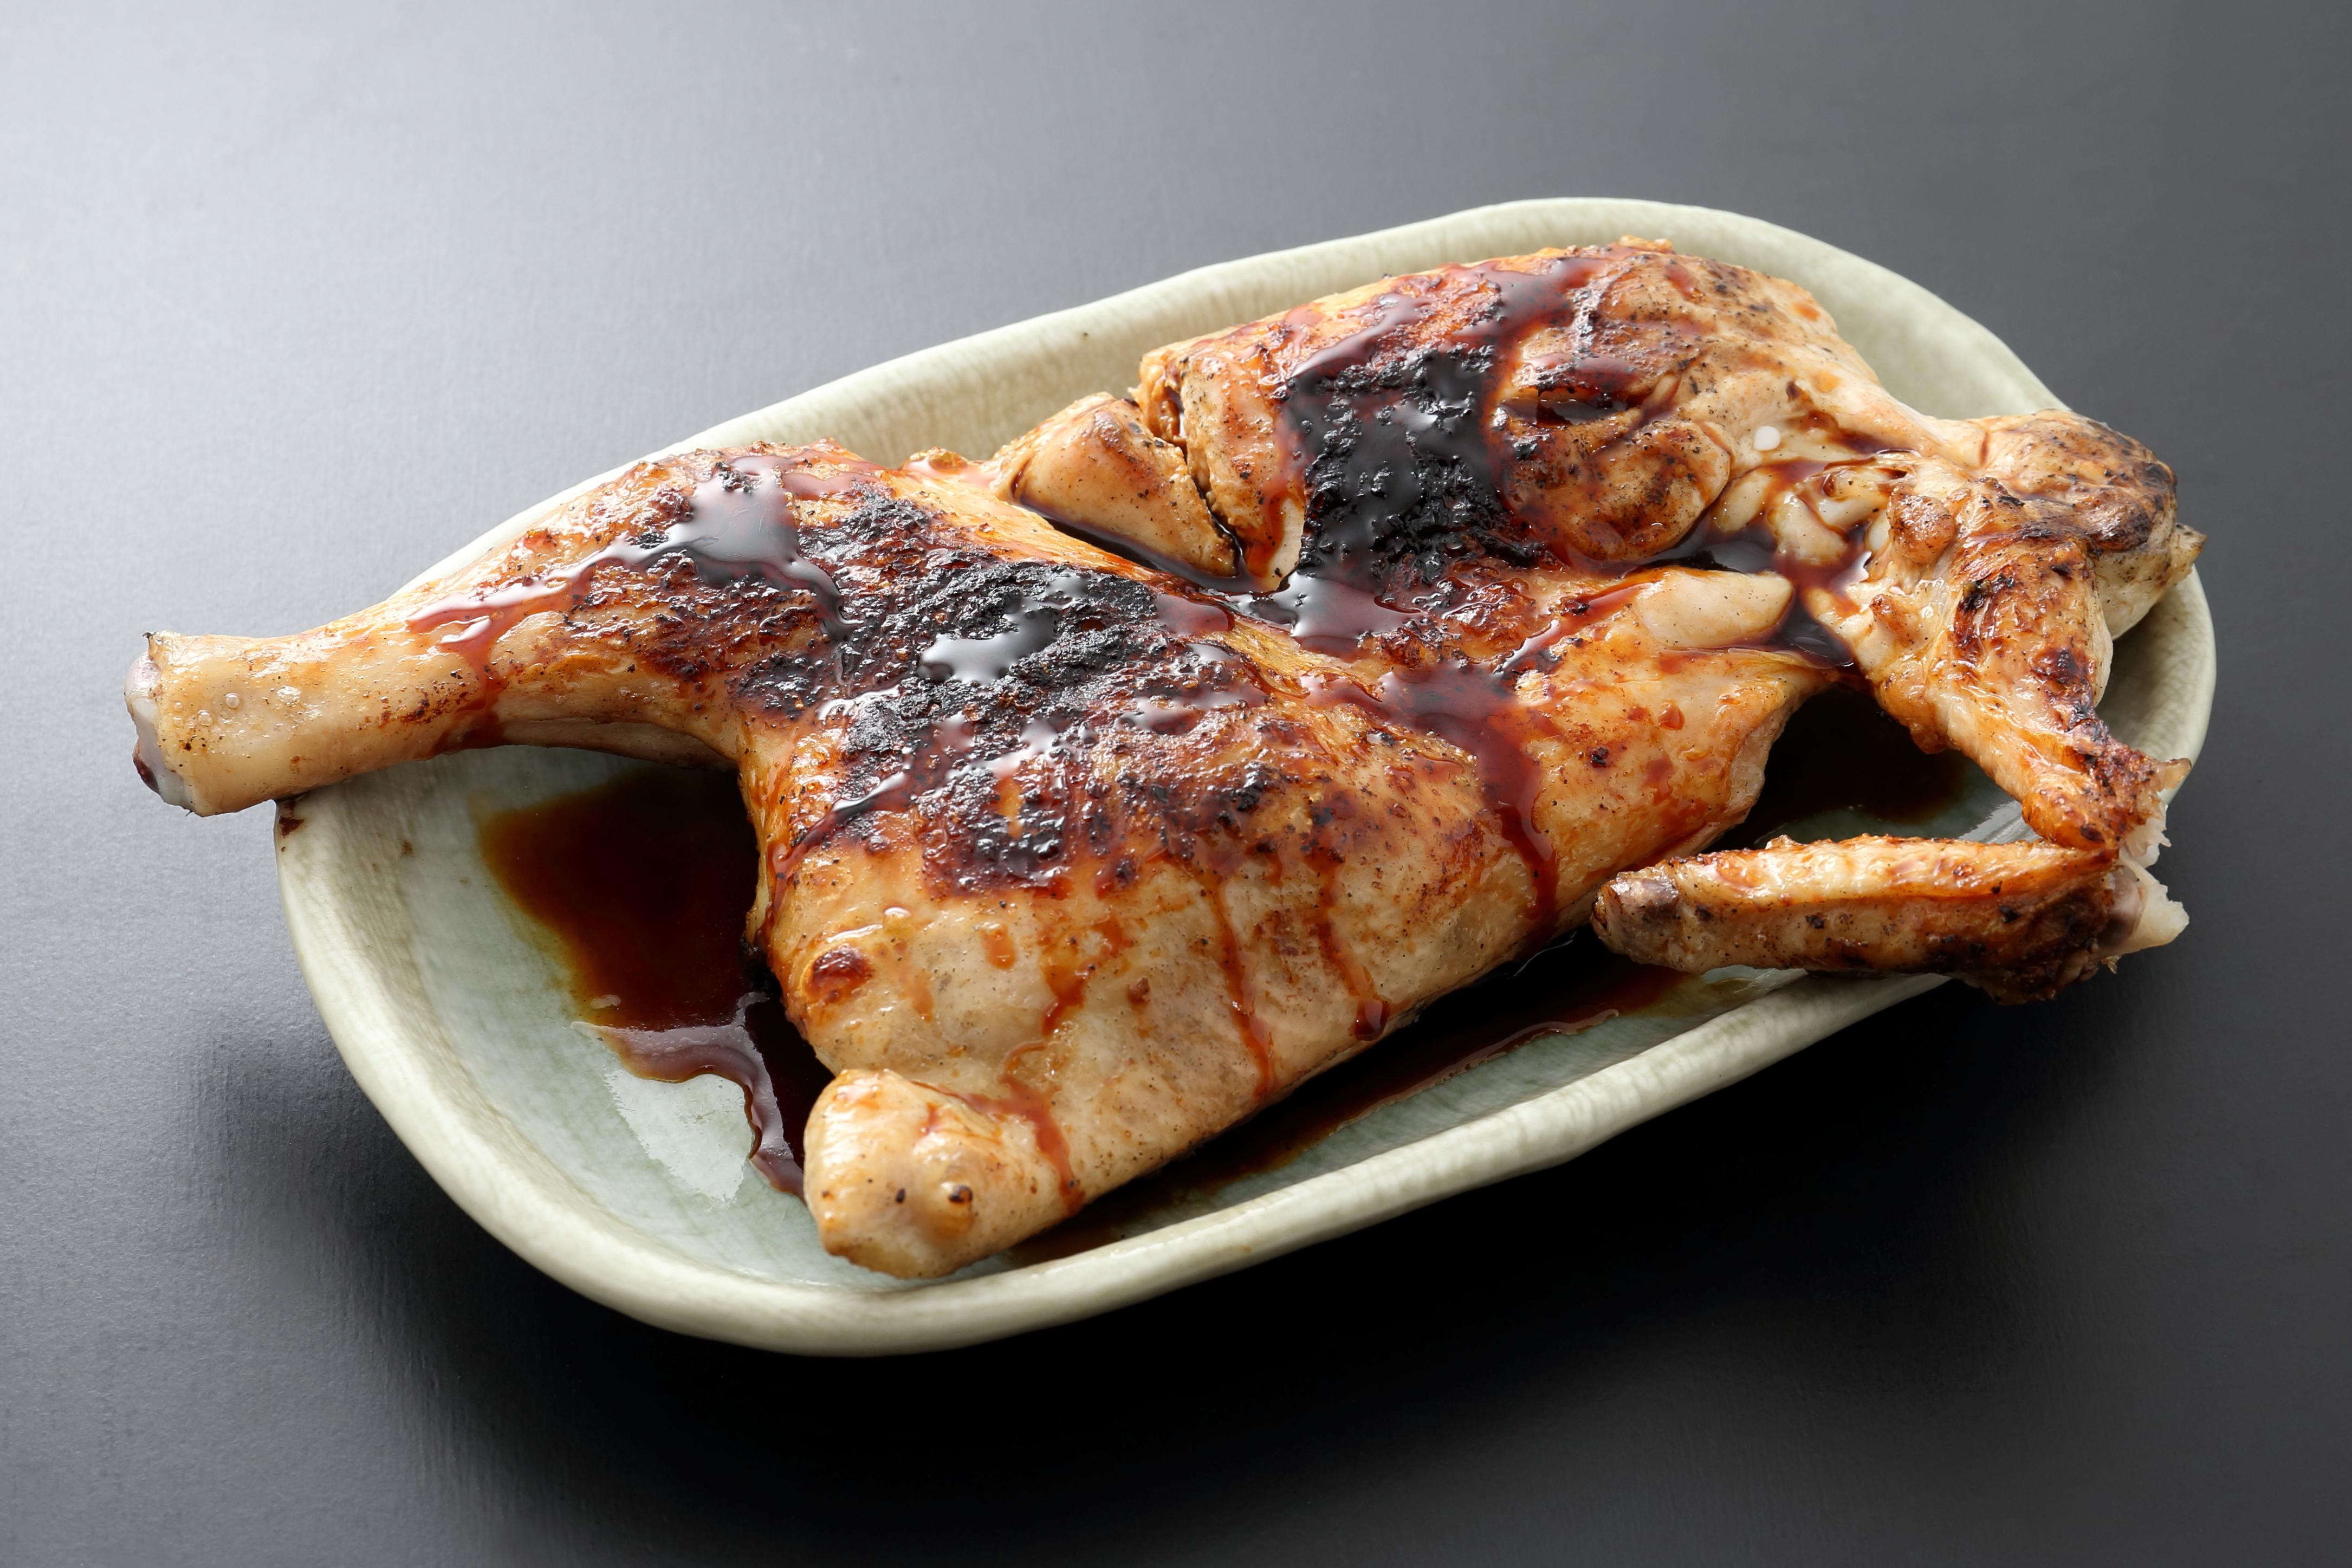 新子焼き1,380円(税別)。無冷凍の生肉や野菜を丁寧に手打ちした串物は30種以上